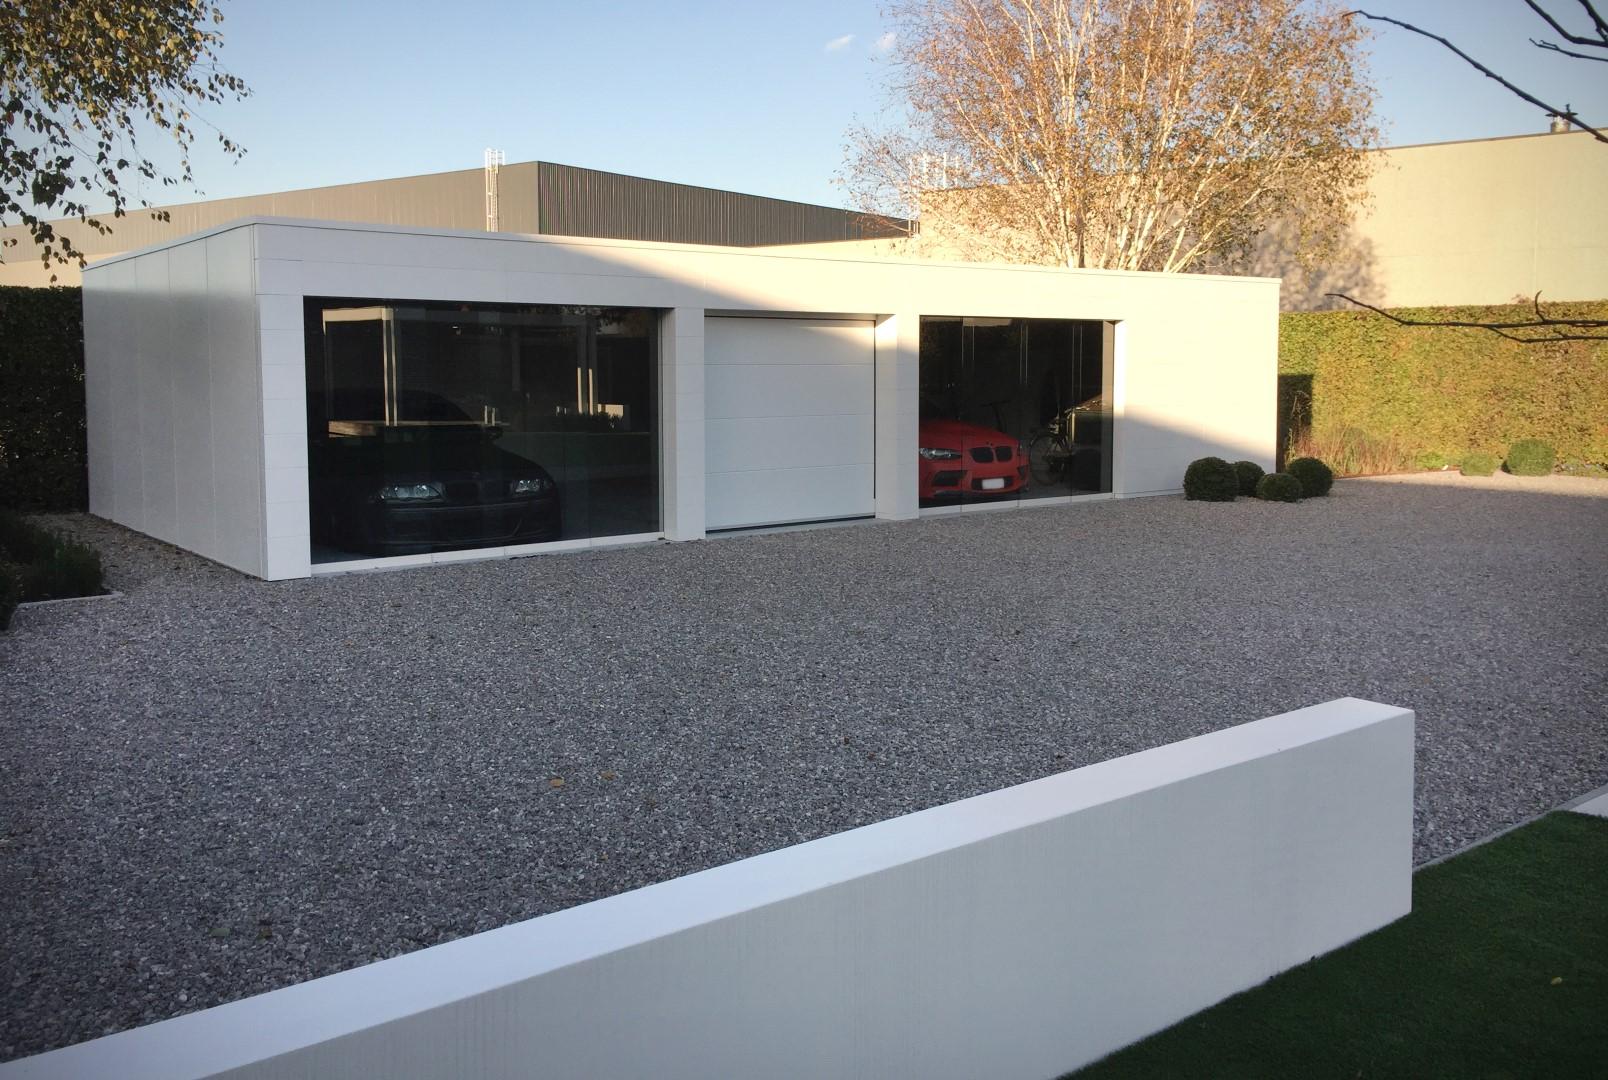 Moderne Garagen Kreative Bilder F R Zu Hause Design Inspiration